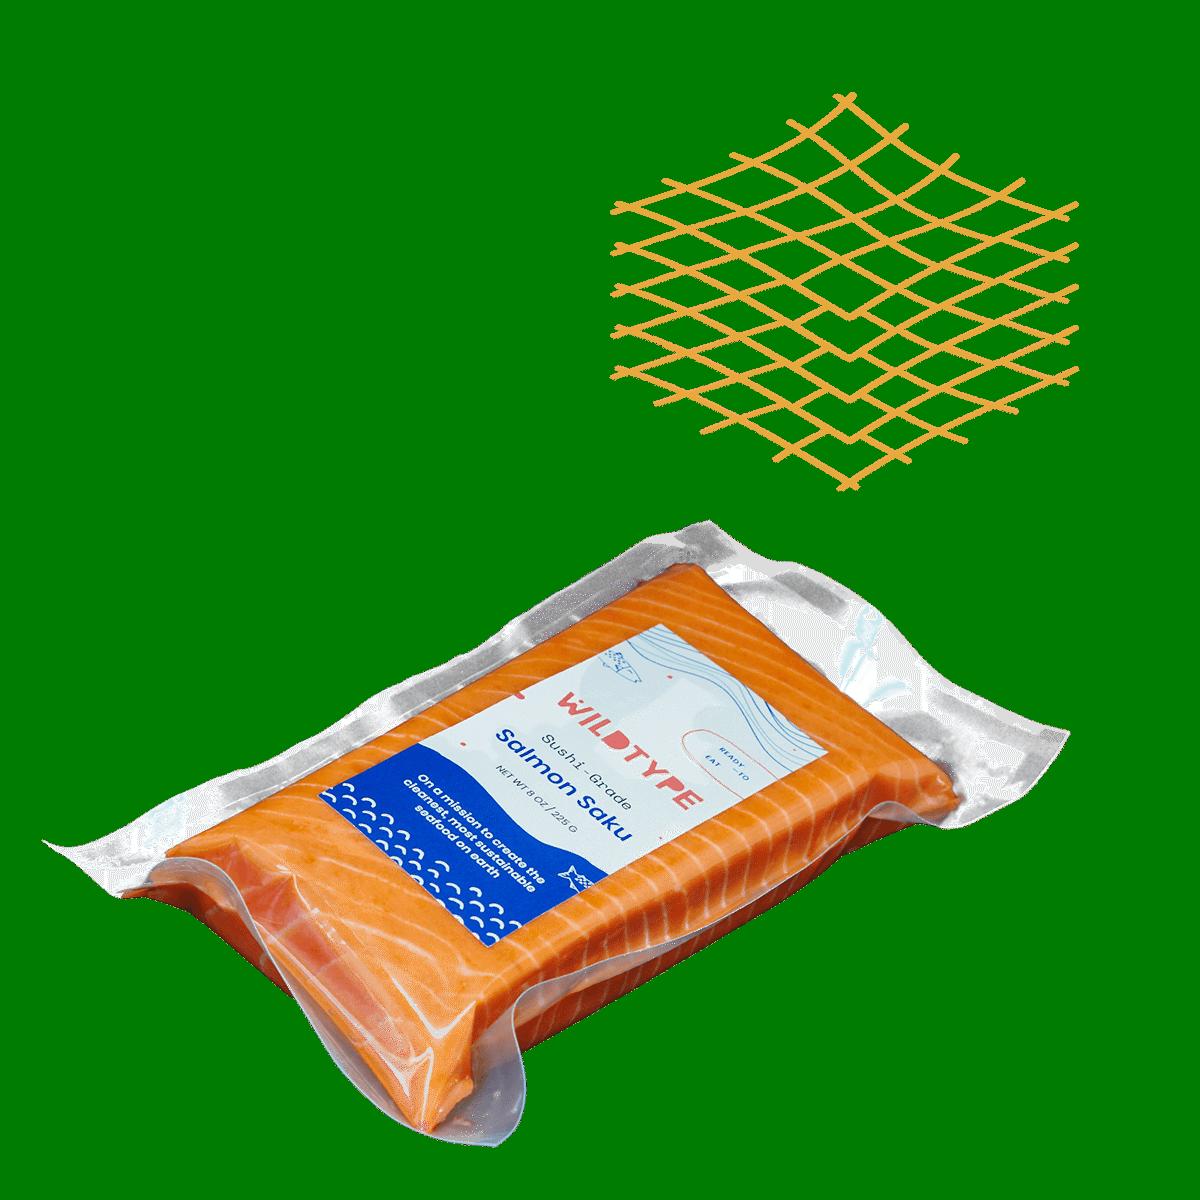 Salmon saku block packaged